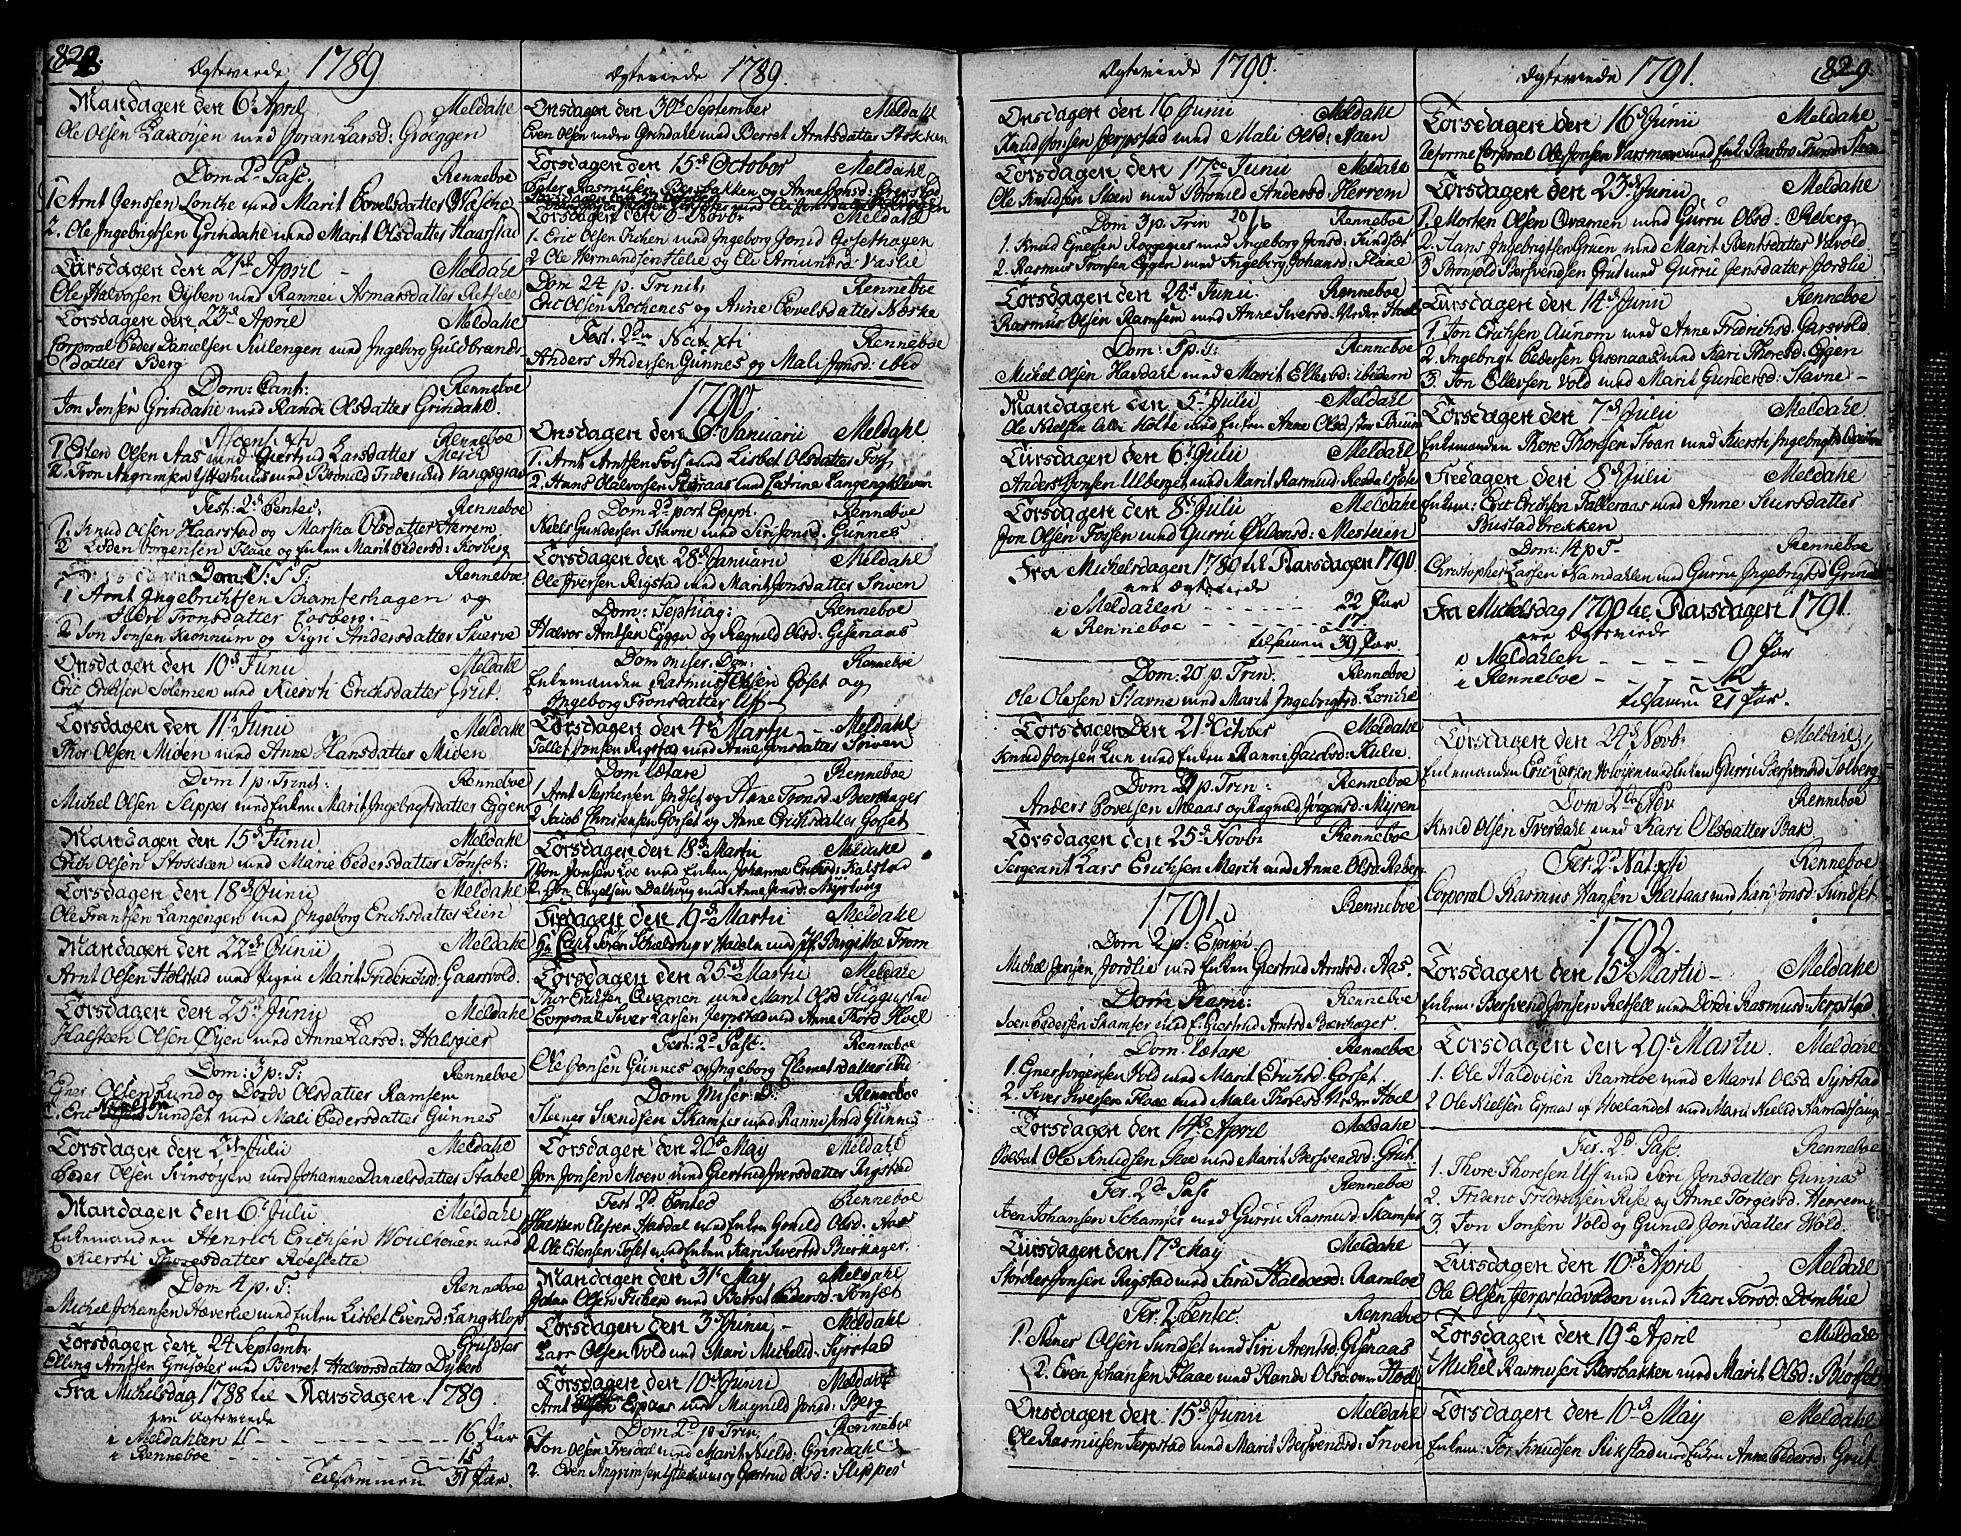 SAT, Ministerialprotokoller, klokkerbøker og fødselsregistre - Sør-Trøndelag, 672/L0852: Ministerialbok nr. 672A05, 1776-1815, s. 828-829